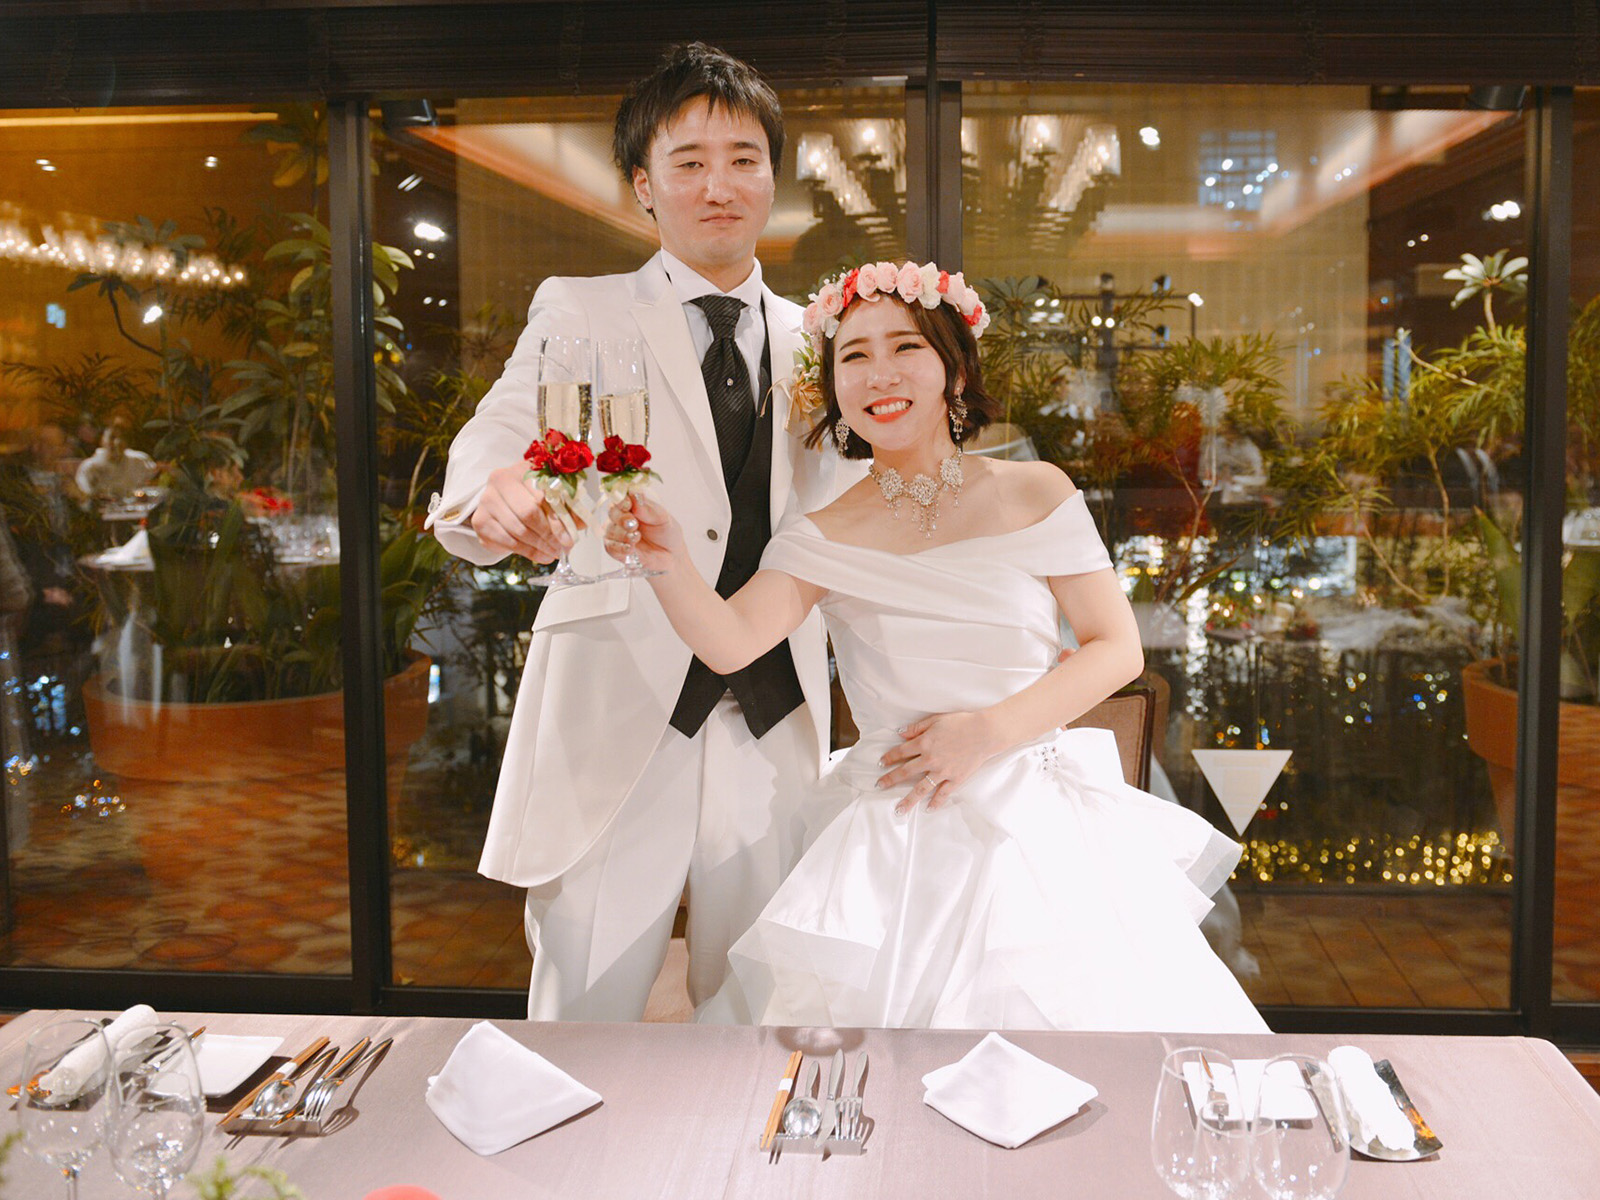 ドレスマニア 素敵な先輩花嫁